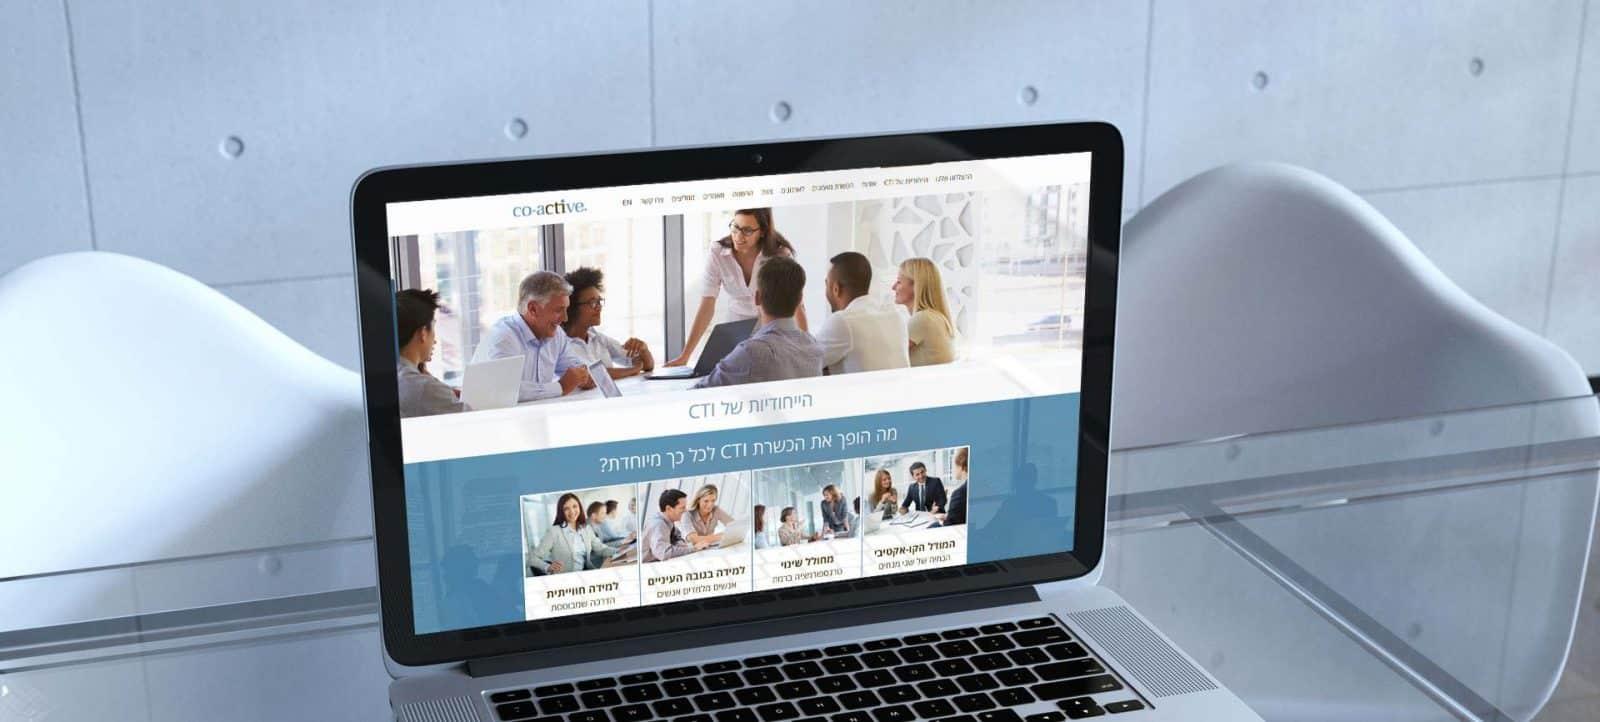 פרויקט עיצוב אתר תדמית: הכשרת מאמנים – CTI